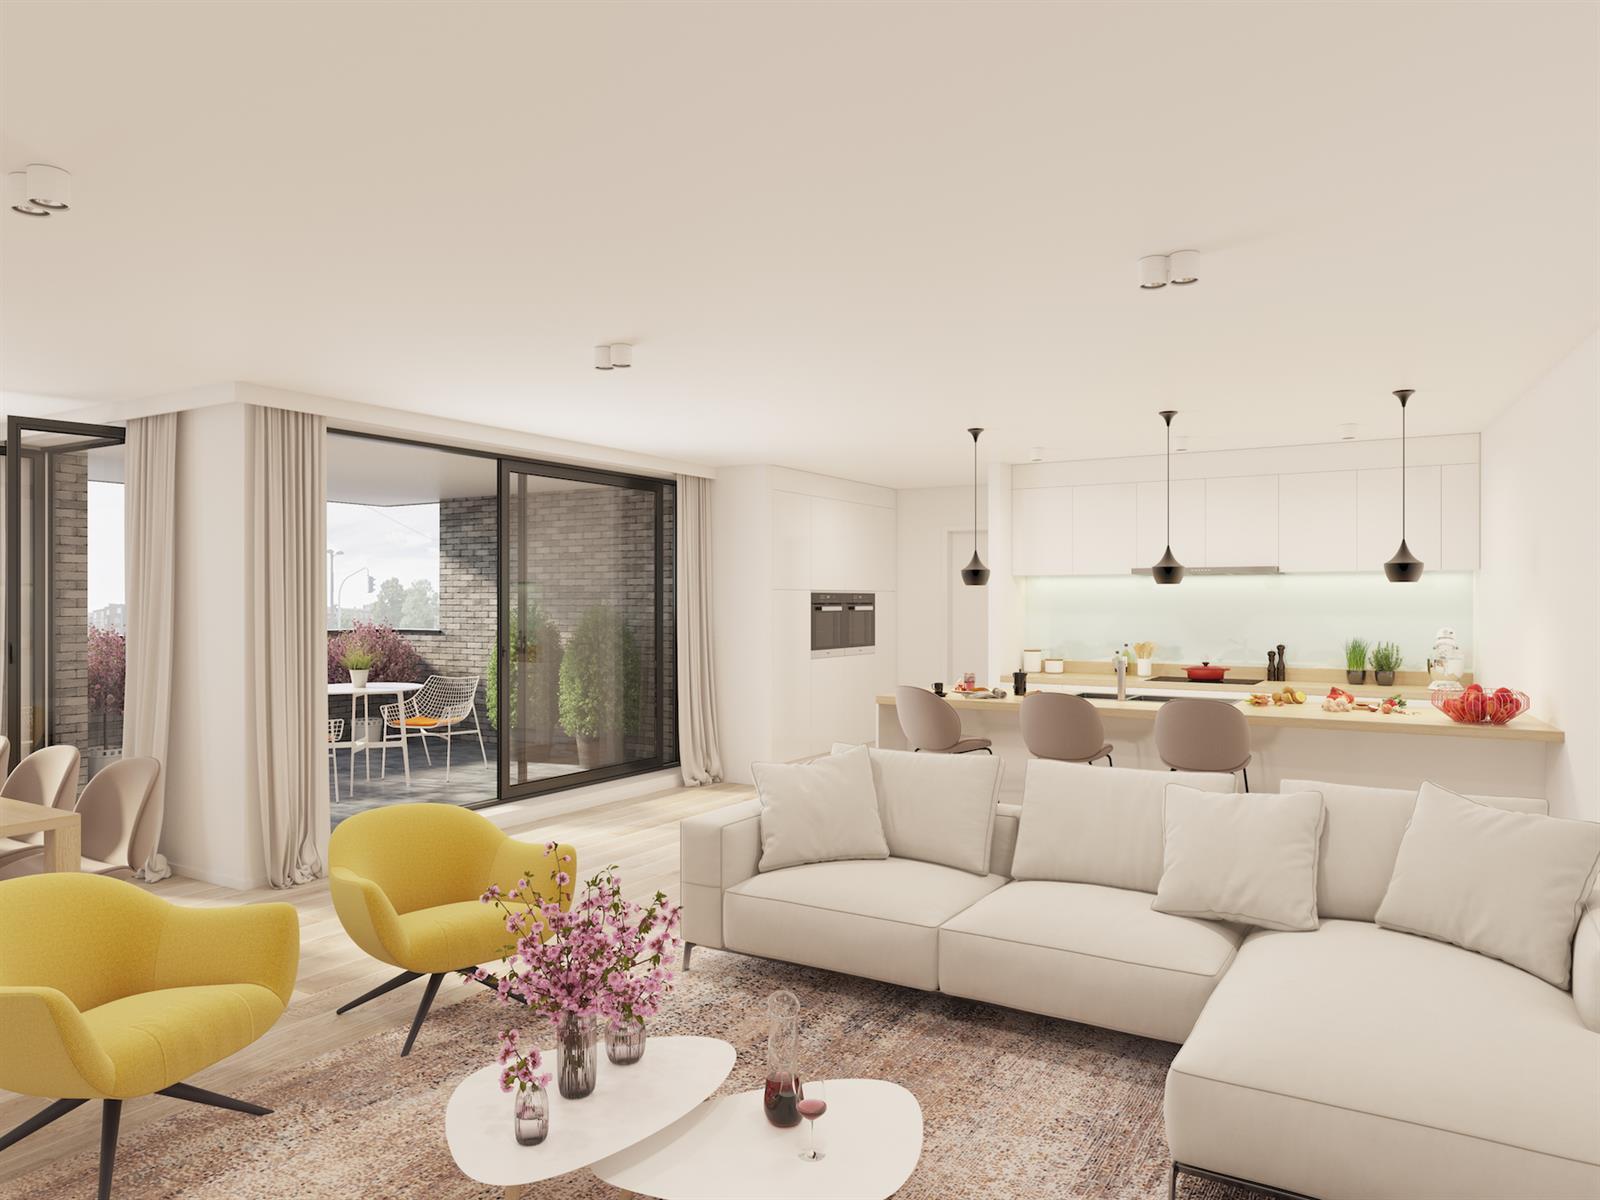 Makelaarskantoor De Meester, Appartement|Appartement te 2170 Antwerpen